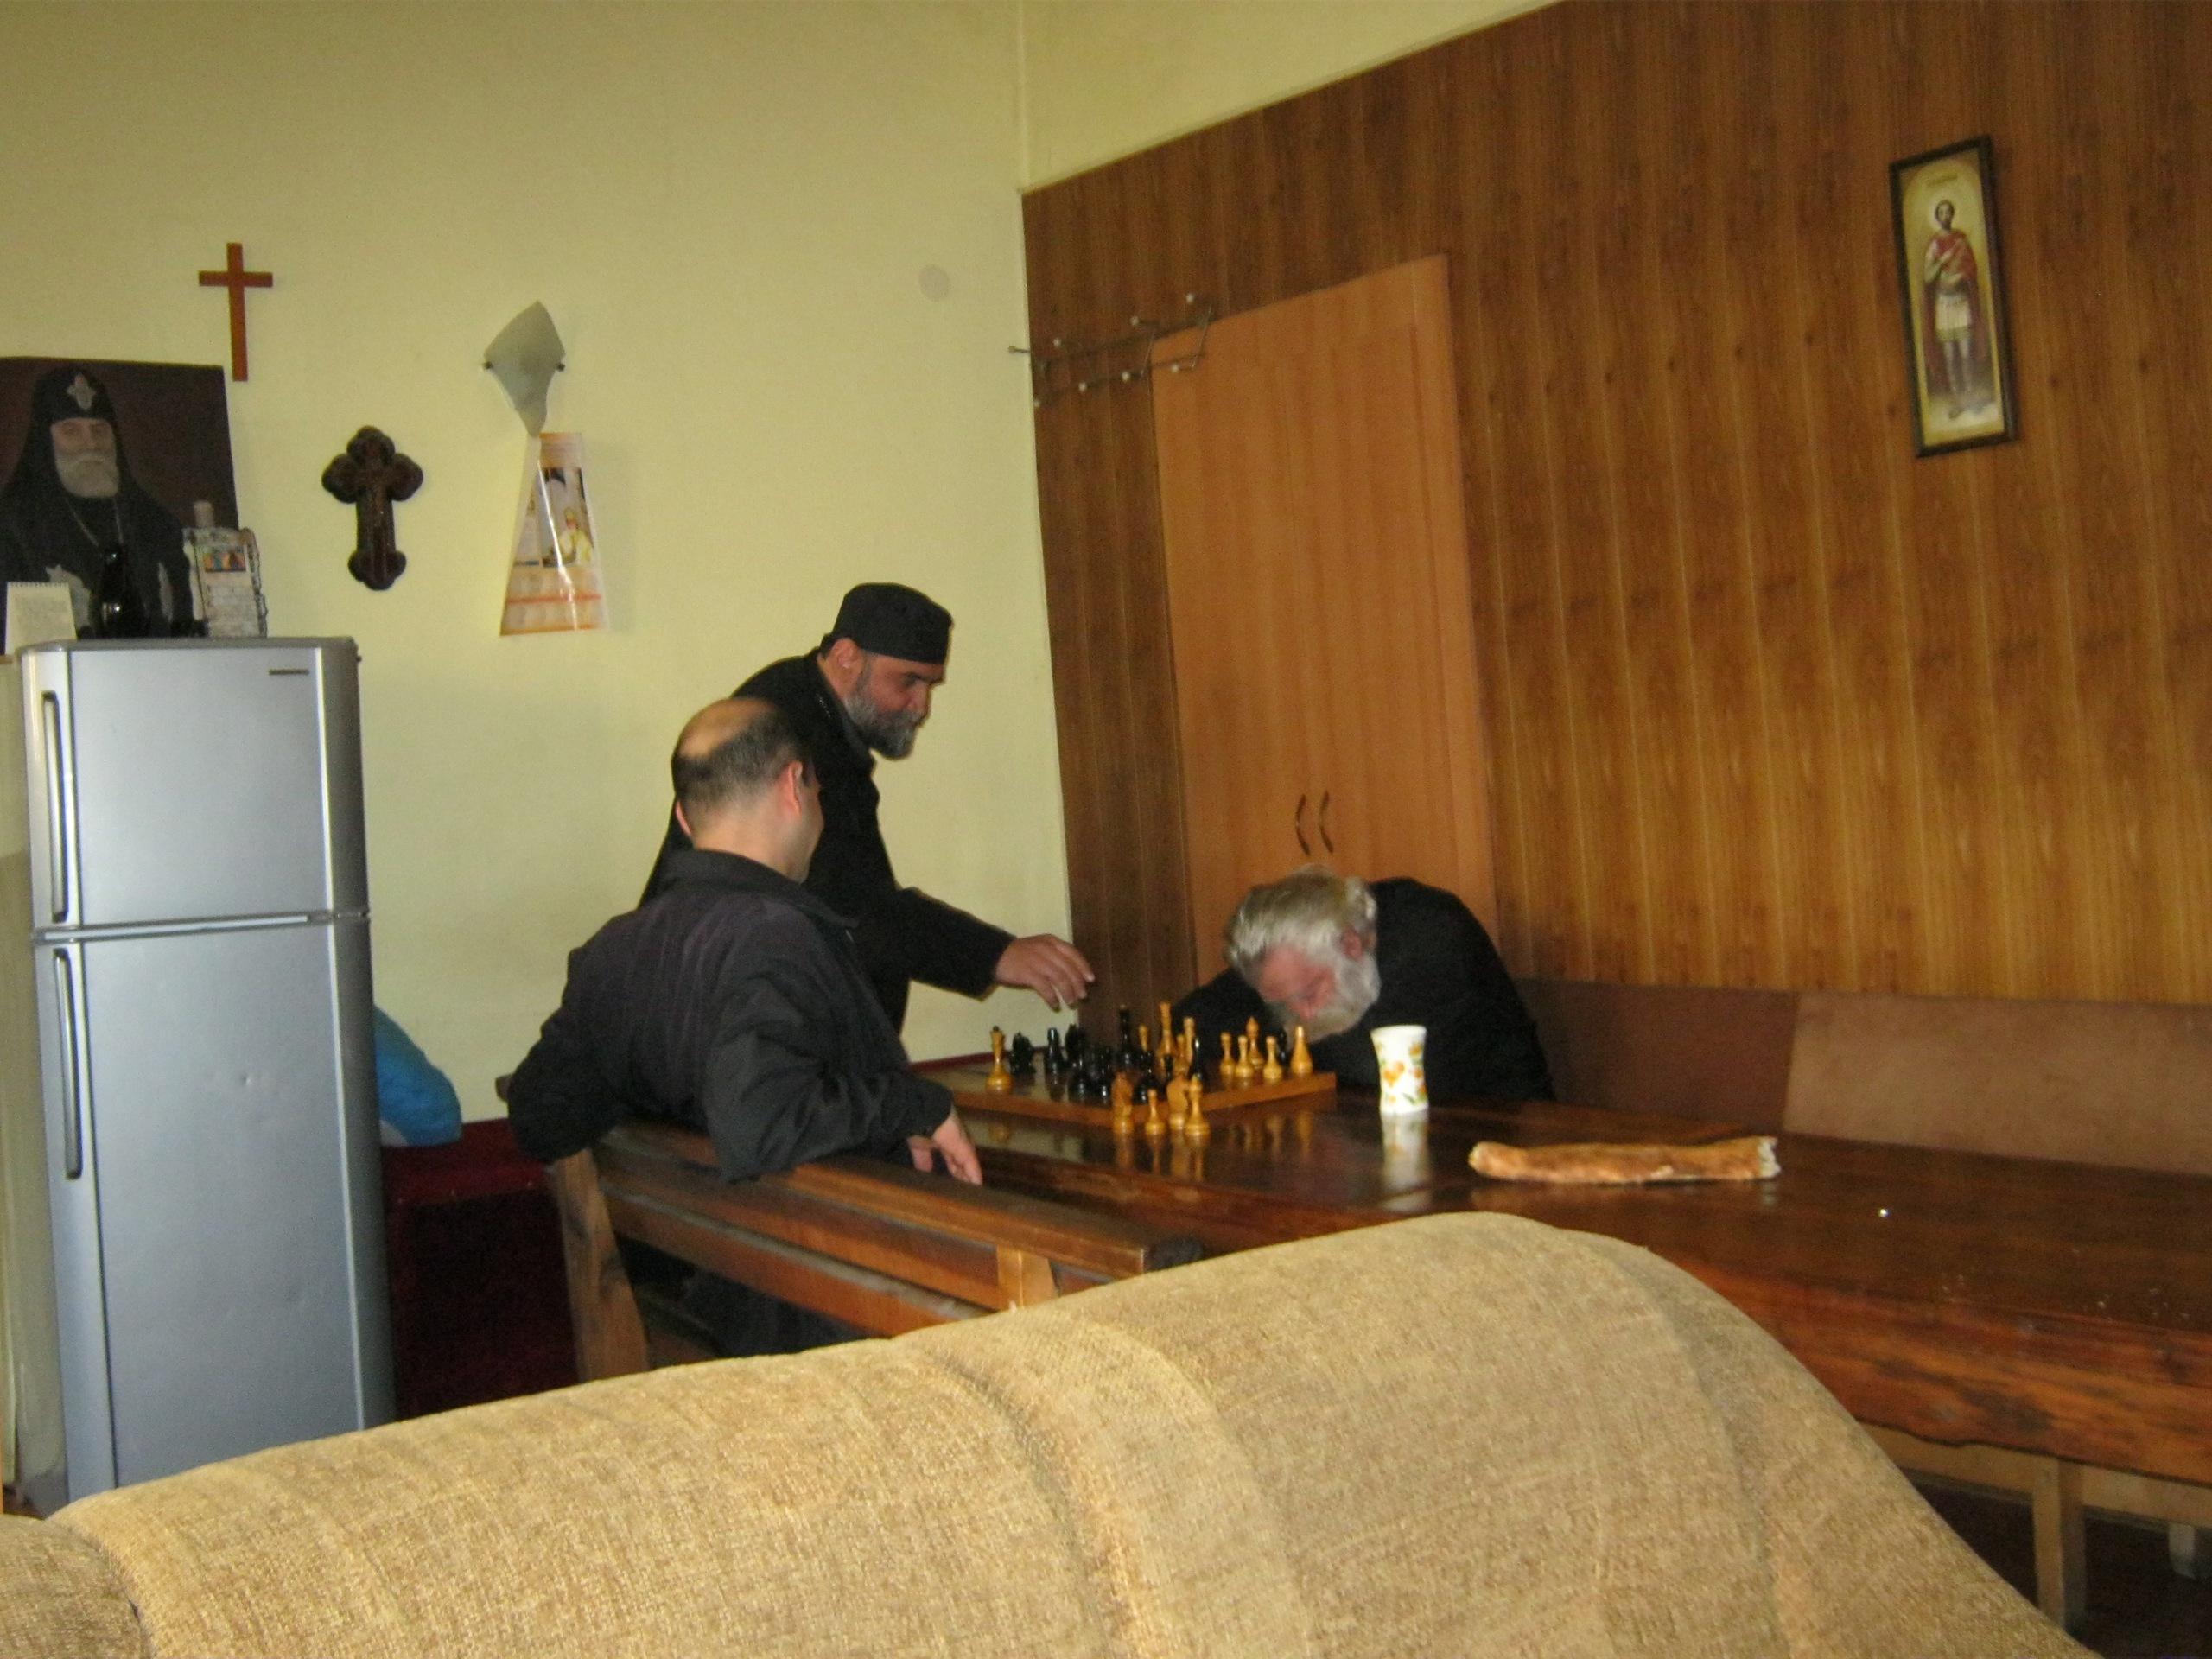 священник уснул во время игры в шахматы